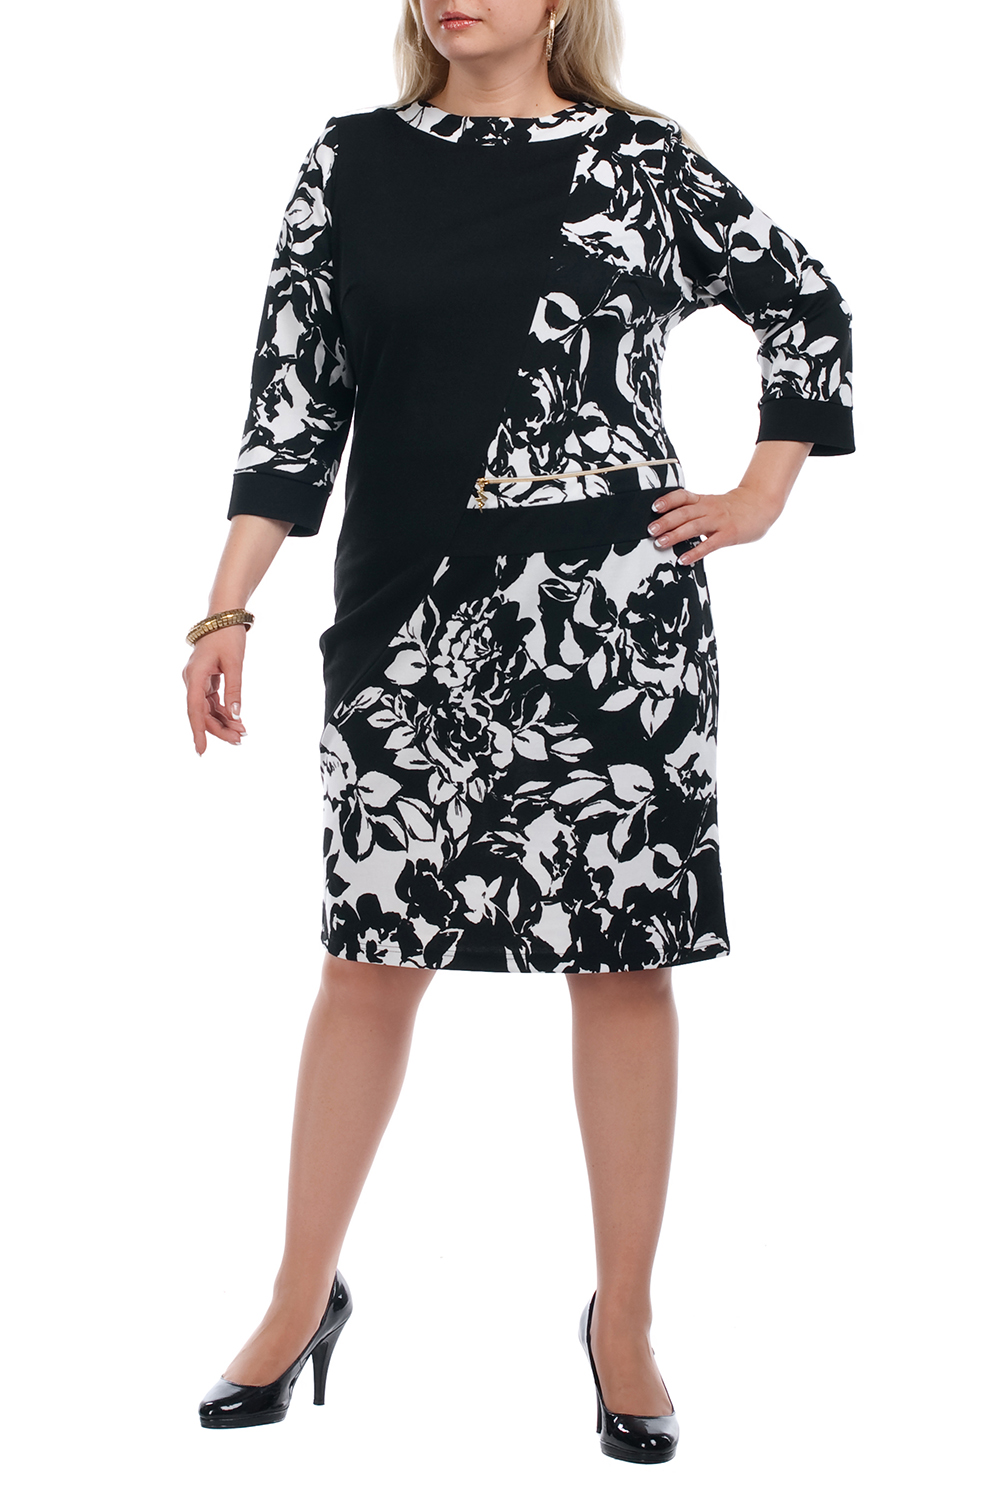 ПлатьеПлатья<br>Повседневное платье с круглой горловиной и рукавами 3/4. Модель выполнена из плотного трикотажа. Отличный выбор для повседневного гардероба.  Цвет: черный, белый  Рост девушки-фотомодели 173 см.<br><br>Горловина: С- горловина<br>По длине: Ниже колена<br>По материалу: Вискоза,Трикотаж<br>По рисунку: Абстракция,Цветные<br>По сезону: Весна,Осень,Зима<br>По силуэту: Полуприталенные<br>По стилю: Повседневный стиль<br>По форме: Платье - футляр<br>Рукав: Рукав три четверти<br>Размер : 52,54,56,64,66,68,70<br>Материал: Трикотаж<br>Количество в наличии: 20